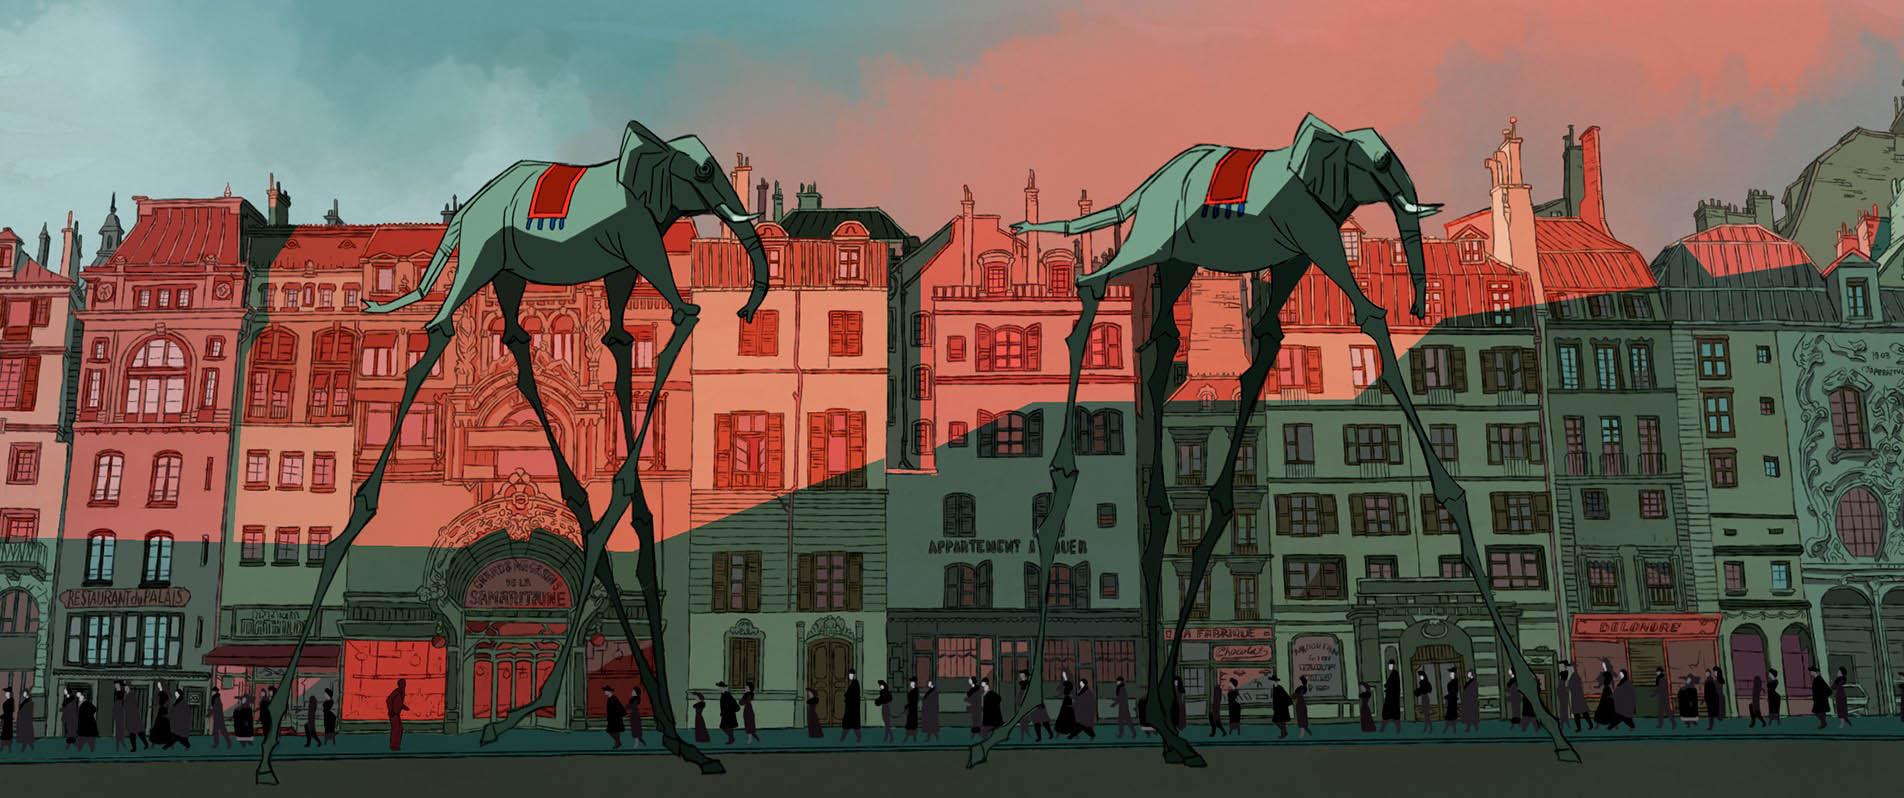 Buñuel - Nel labirinto delle tartarughe recensione del film d'animazione di Salvador Simó